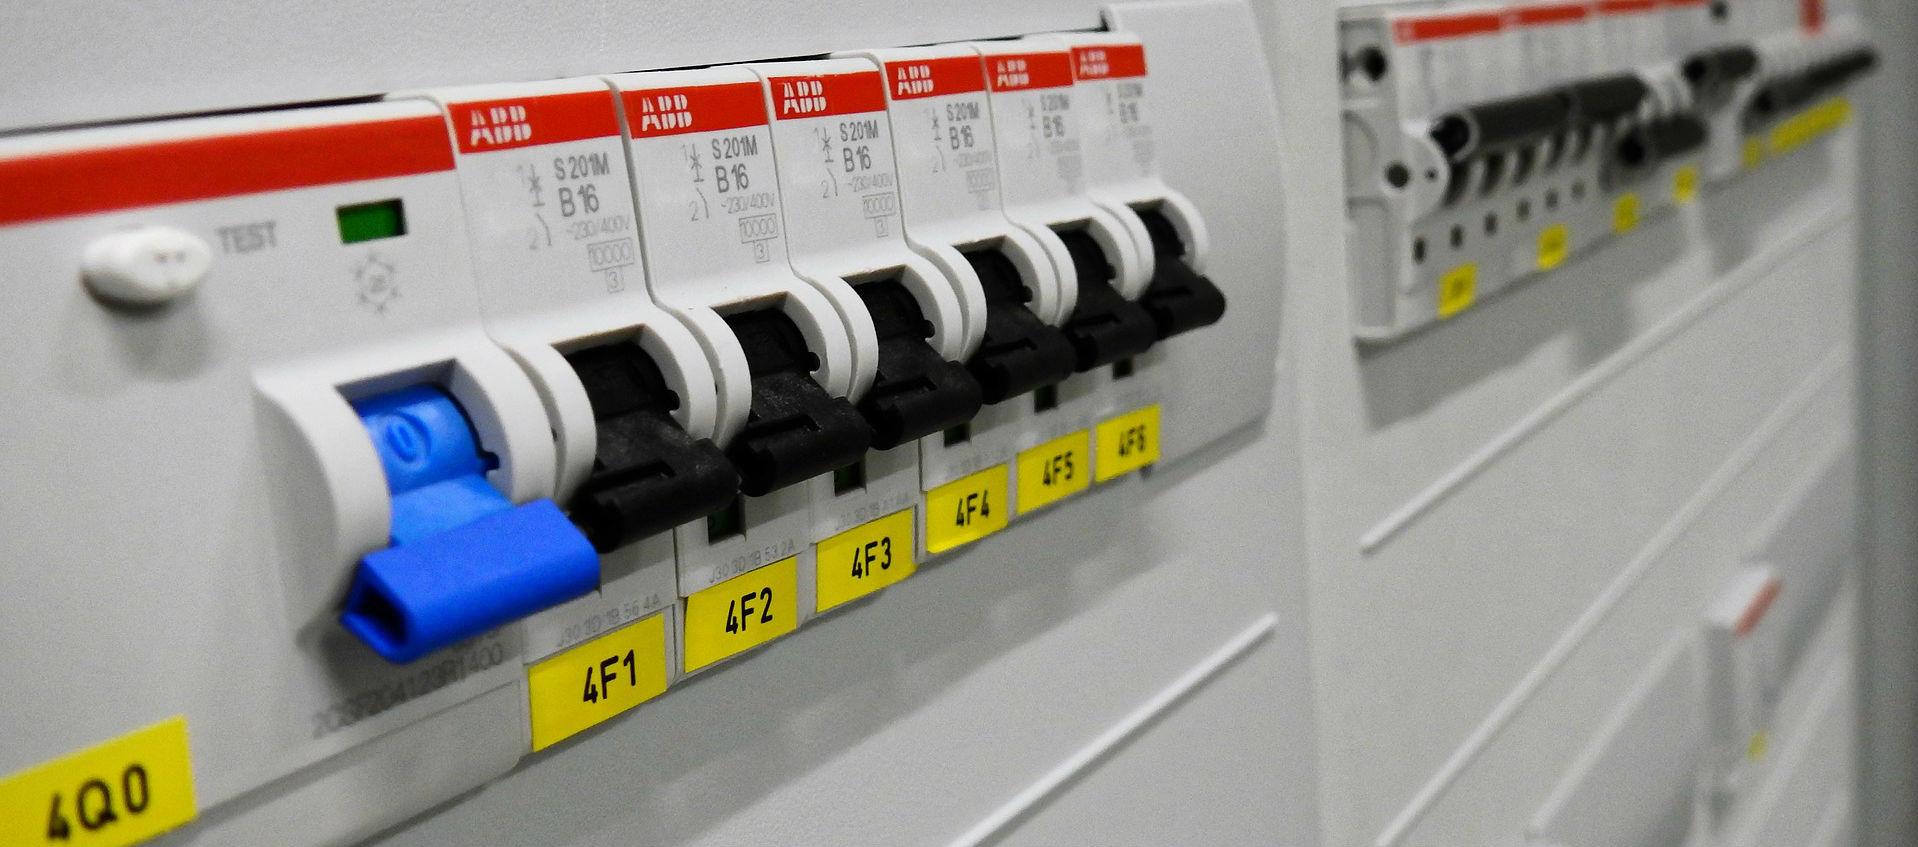 depannage electrique Lyon, entreprise electricité Lyon, artisan electricien Lyon, remise aux normes electricité Lyon, rénovation électrique Lyon